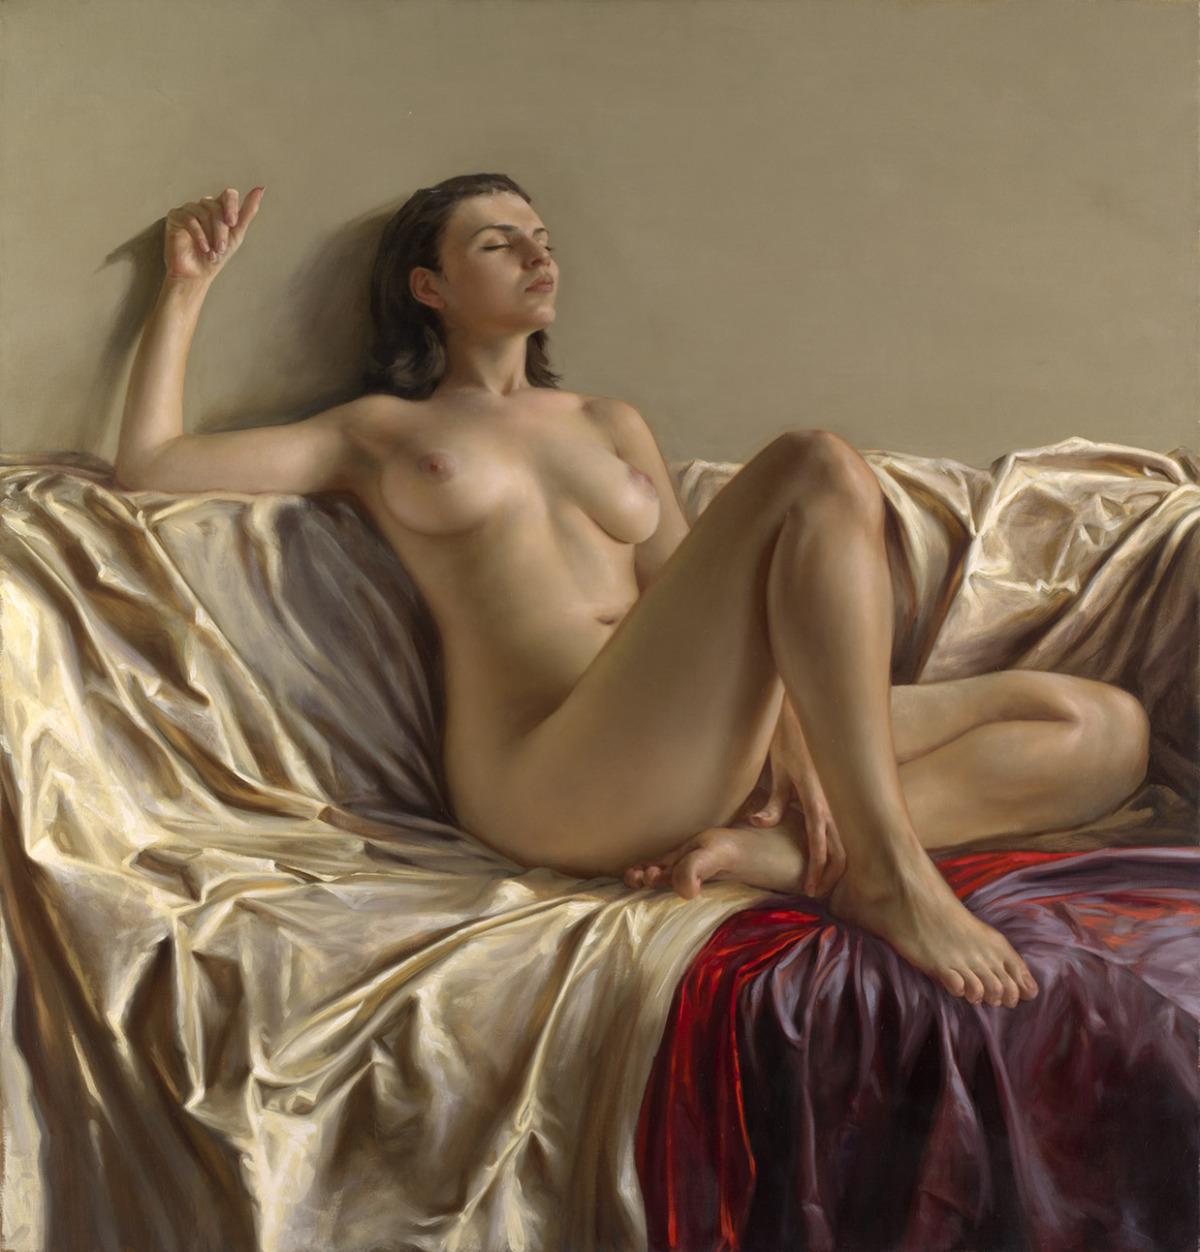 http://3.bp.blogspot.com/--bppv35K4zY/TozOhehM0wI/AAAAAAAAEZo/sPiMR3884ZI/s1600/Paul+S%252C+BROWN+by+Catherine+La+Rose+%25285%2529.jpg